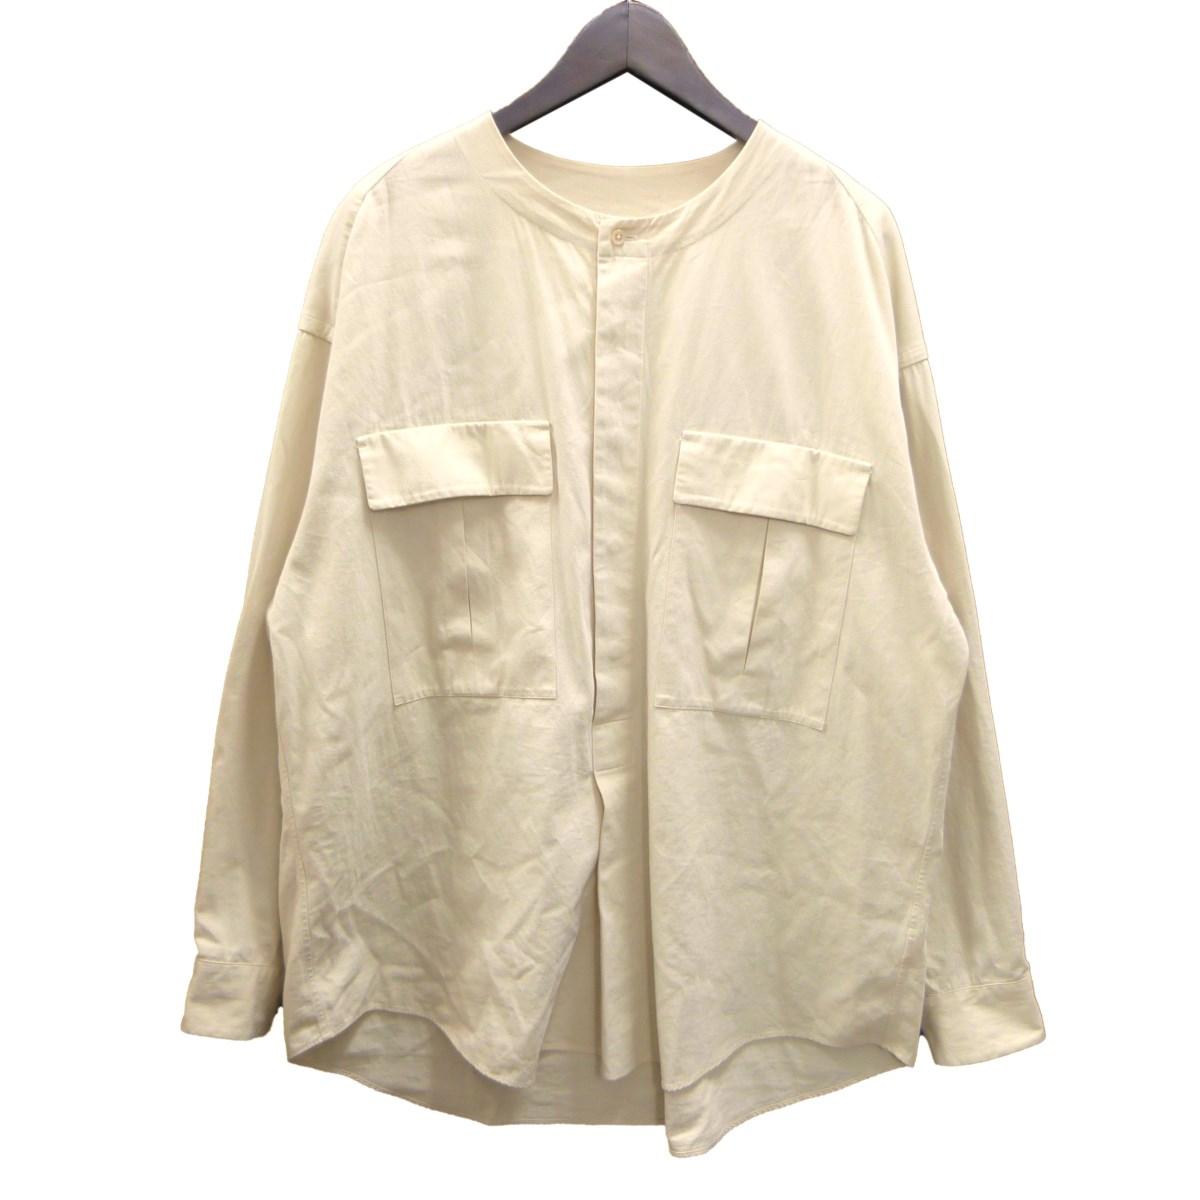 【中古】unfil コットンギャバジンクルタシャツ ベージュ サイズ:4 【040420】(アンフィル)